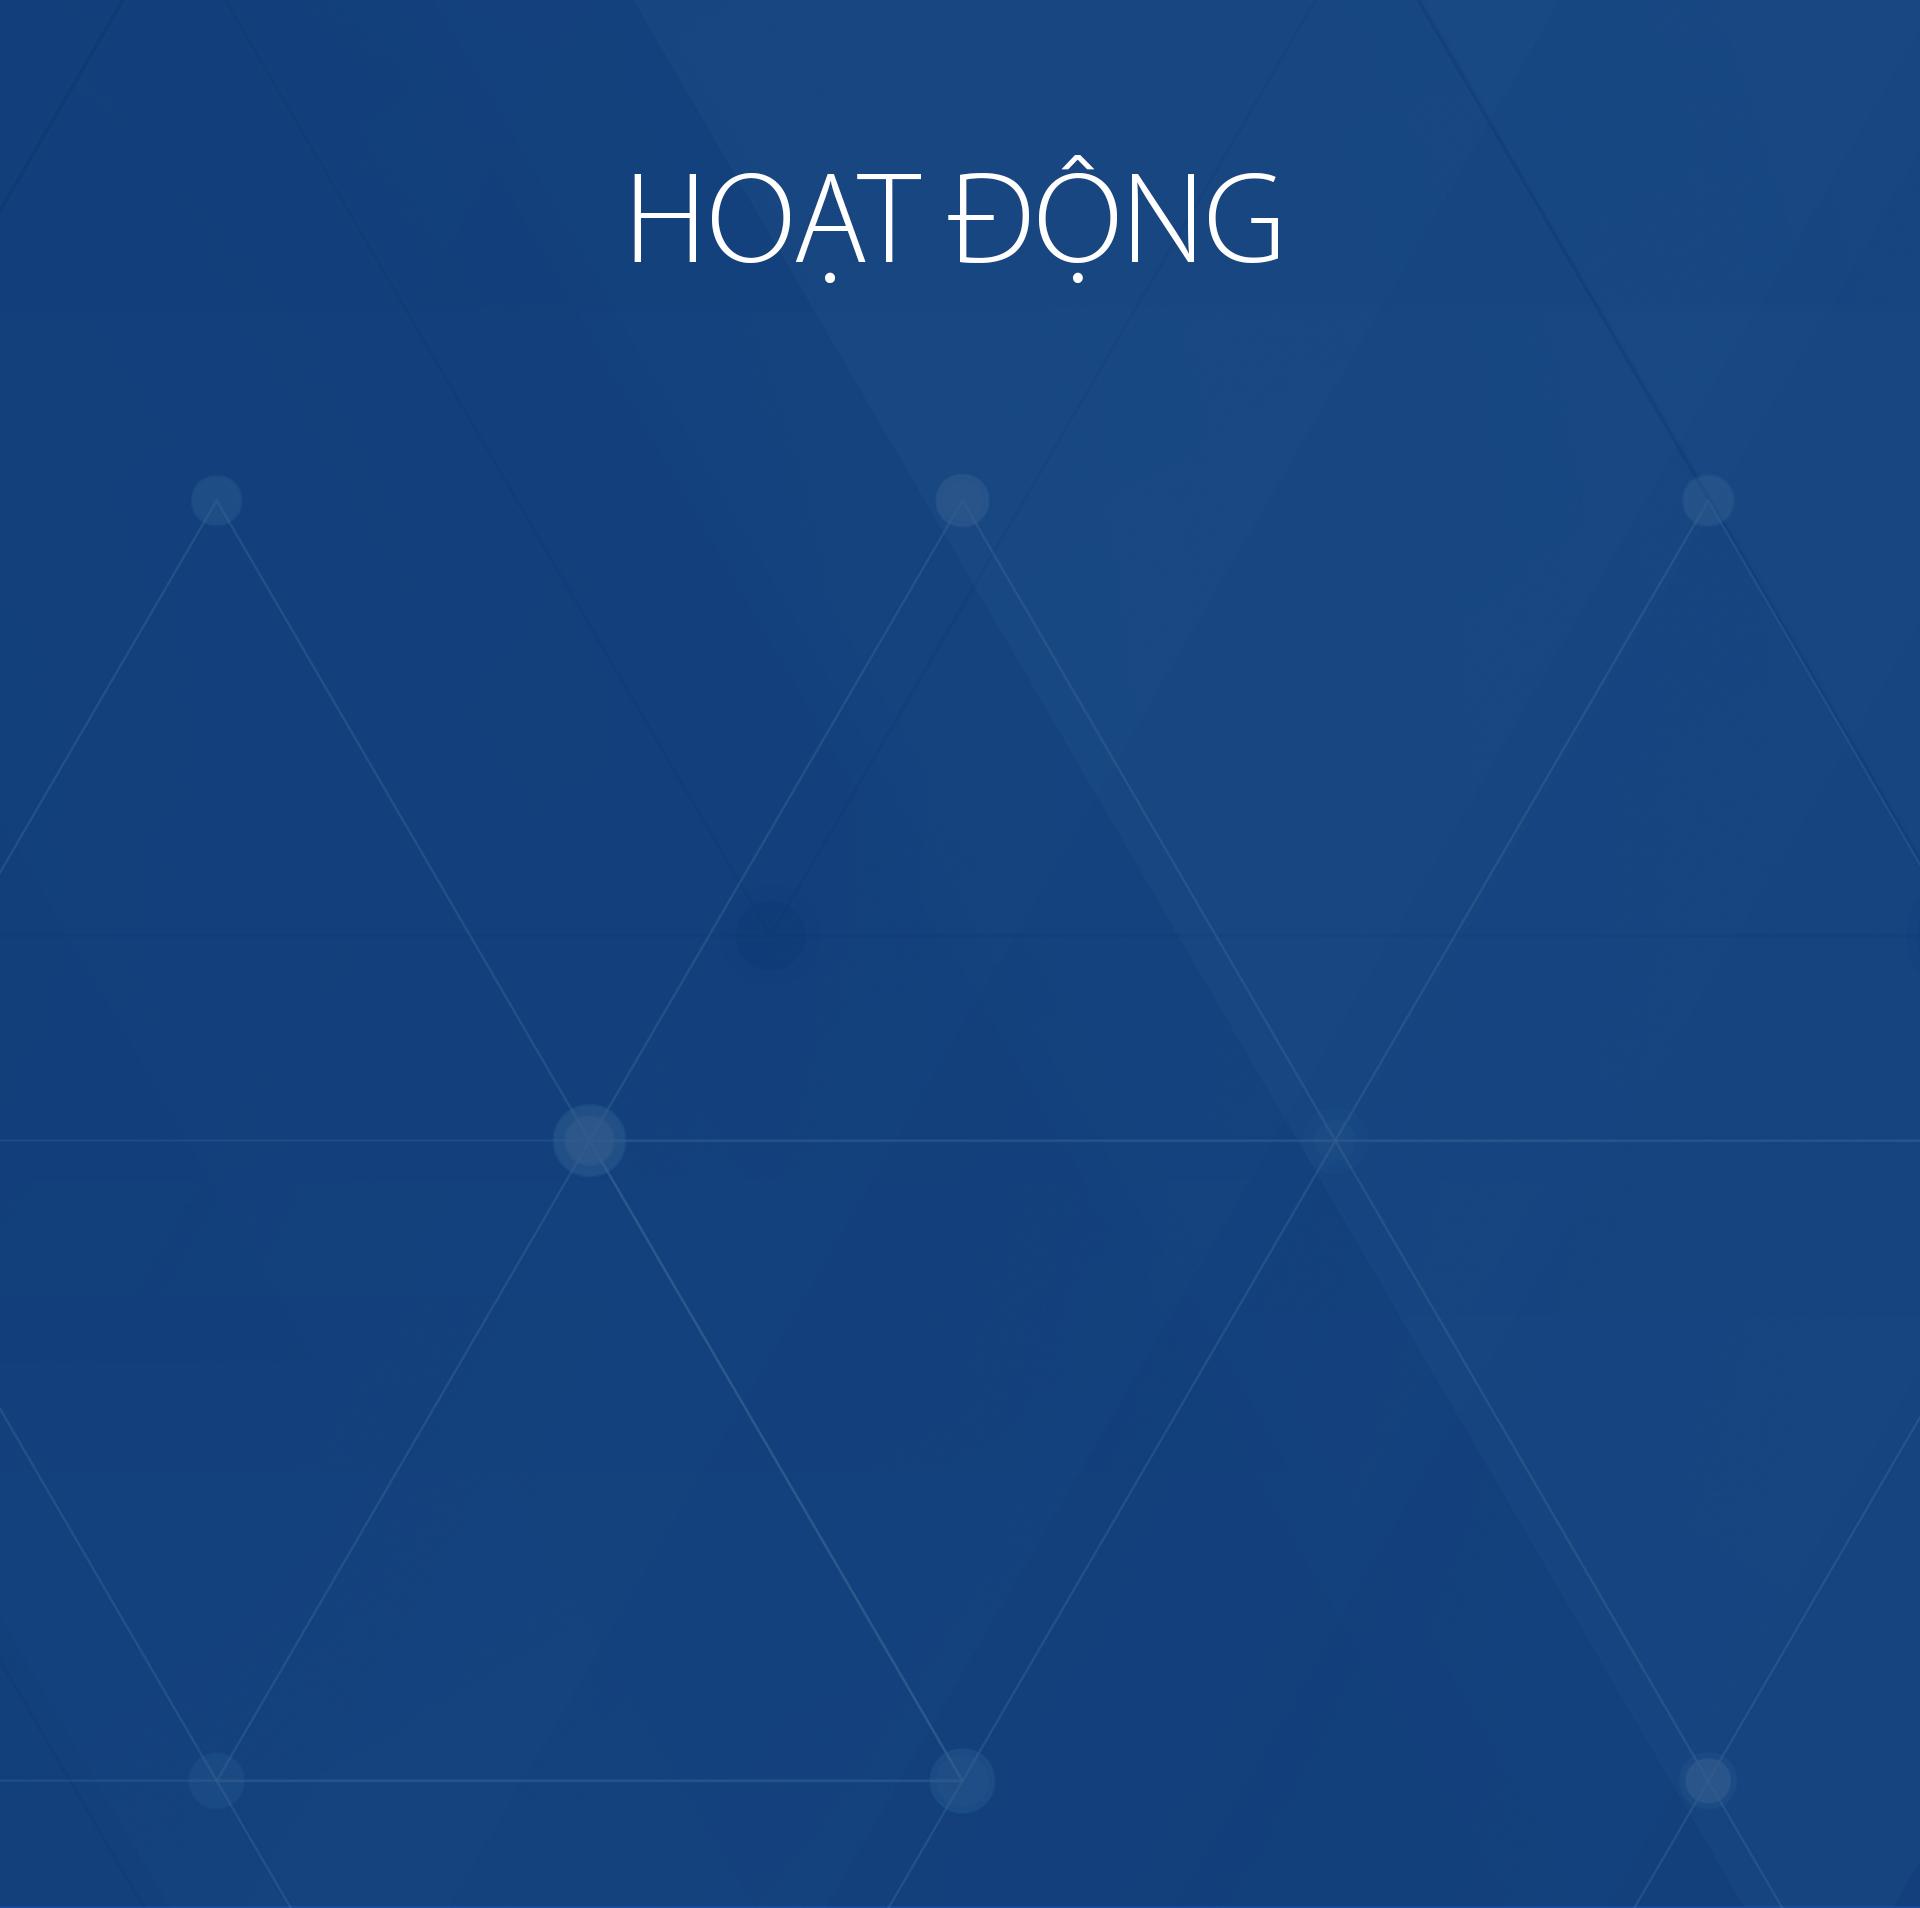 hoatdong